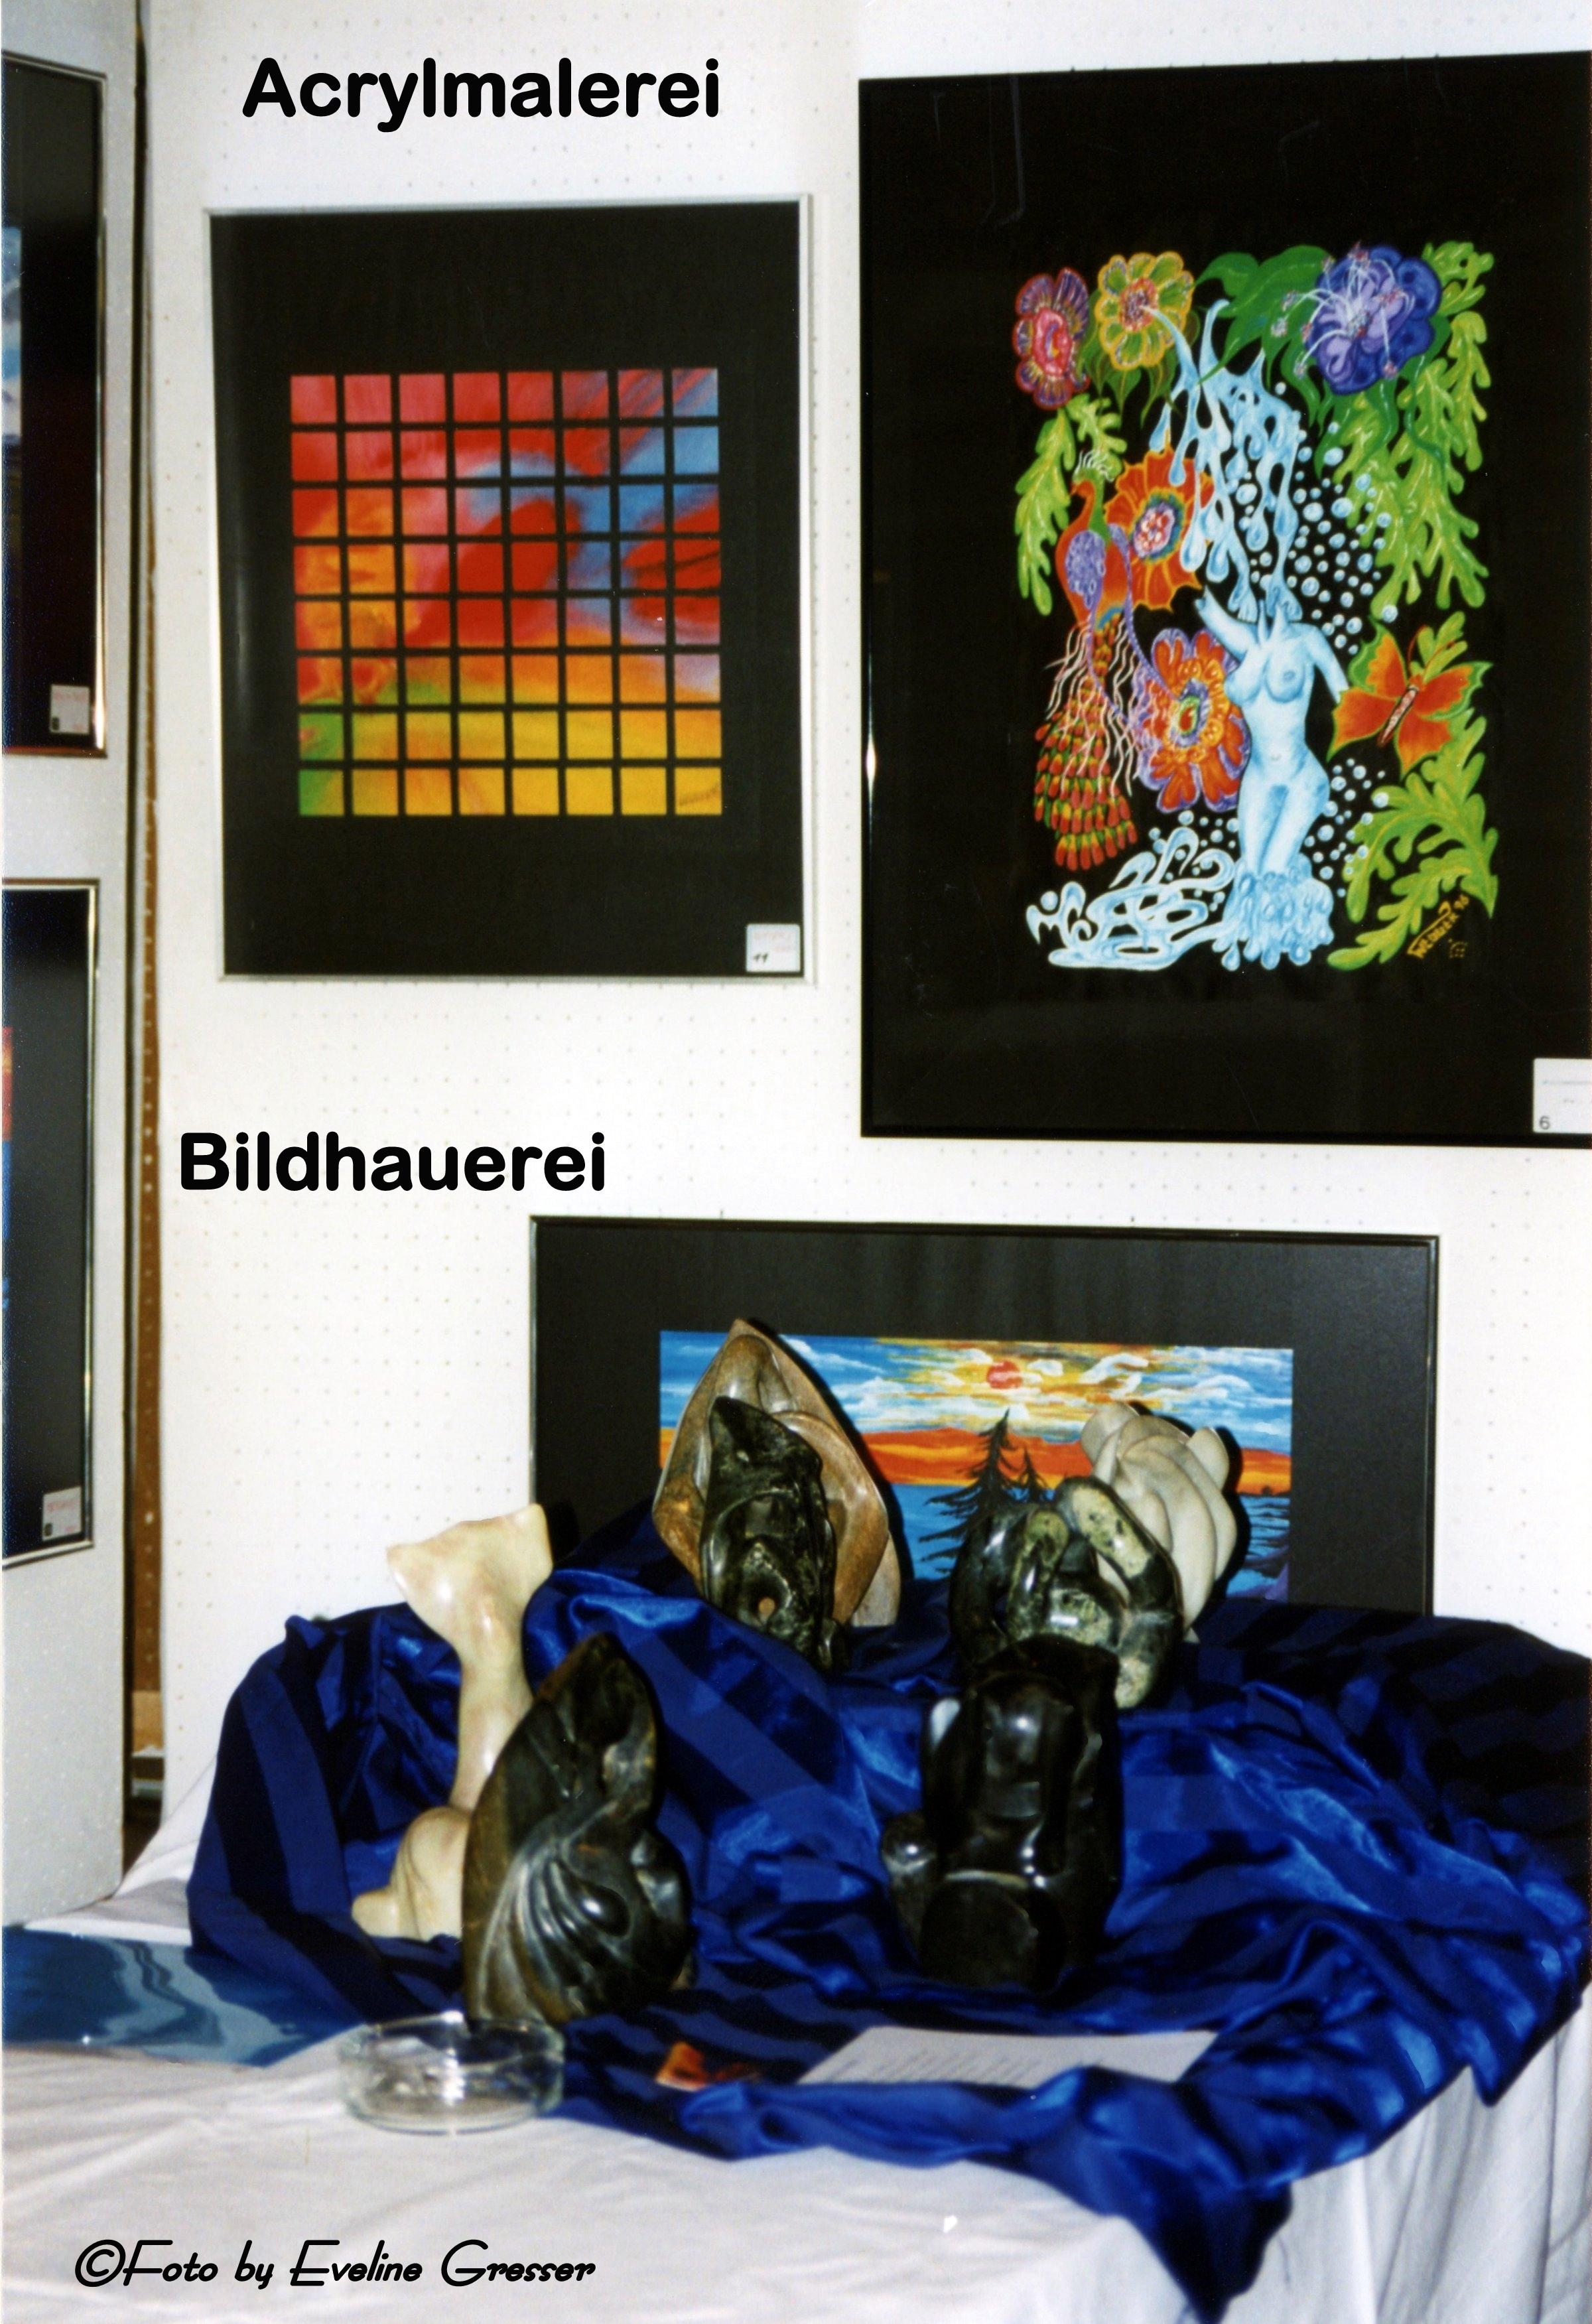 40AcrylmalereiBildhauerei